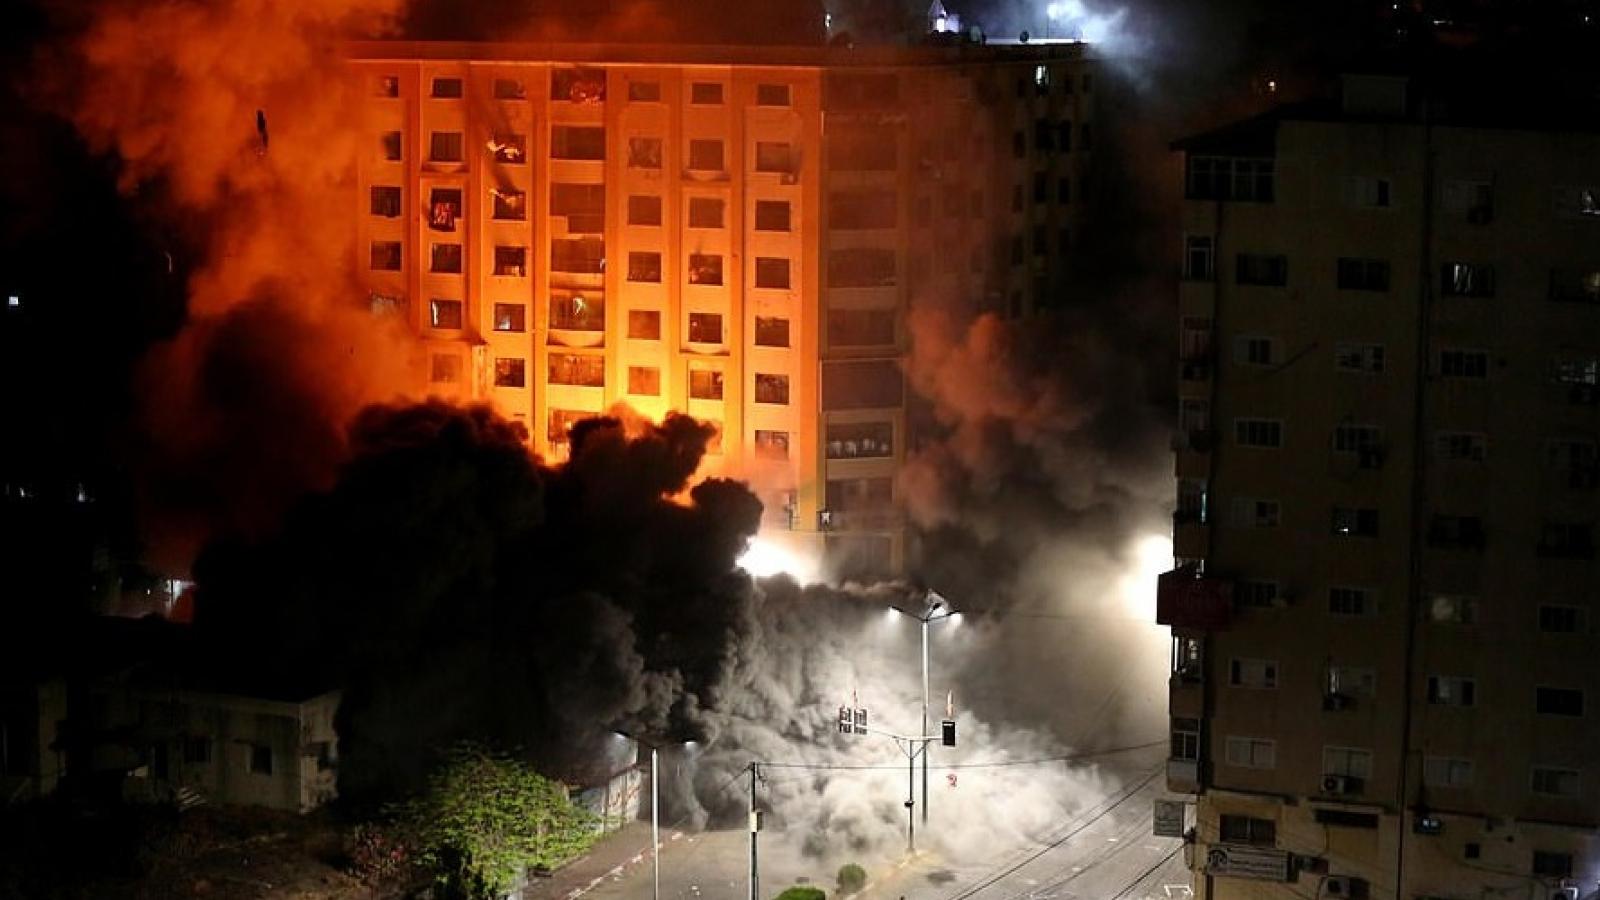 Giải pháp nào có thể giúp hạ nhiệt căng thẳng giữa Israel và Palestine?